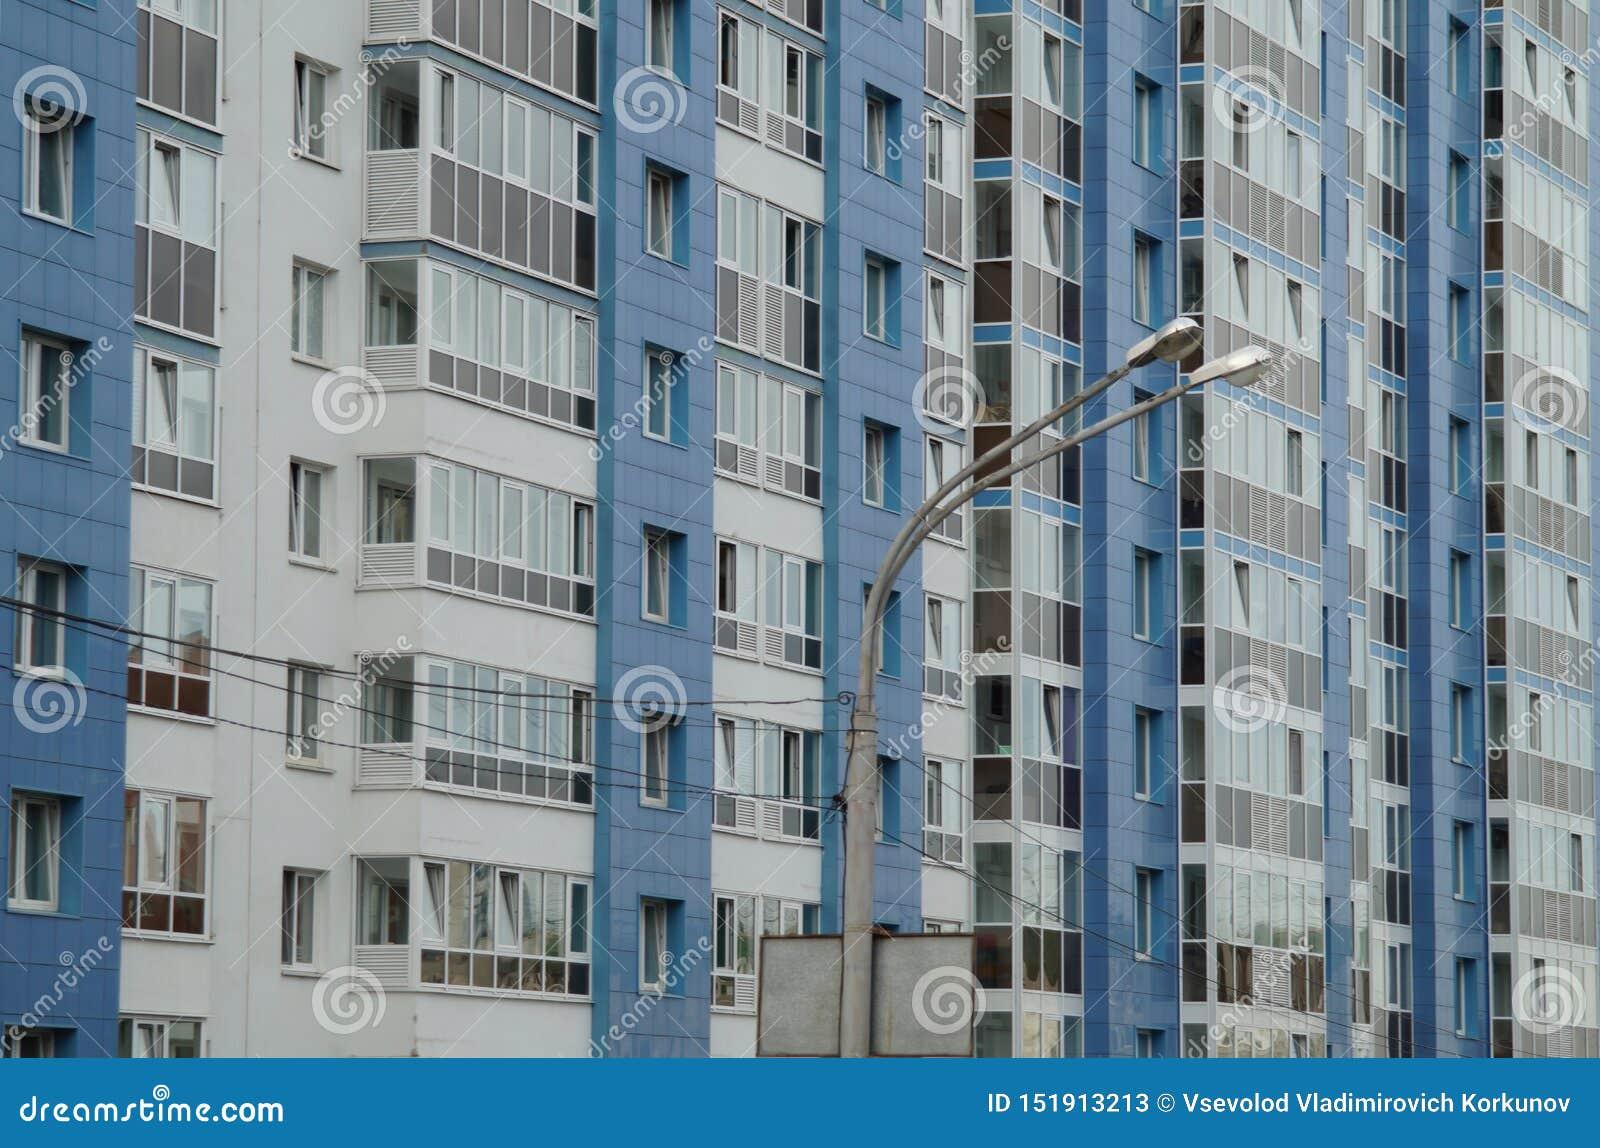 Stadt-Verkleidung: ein Abschnitt von Kuybyshev-Straße von Sheikman-Straße in Richtung zu Khokhryakov-Straße